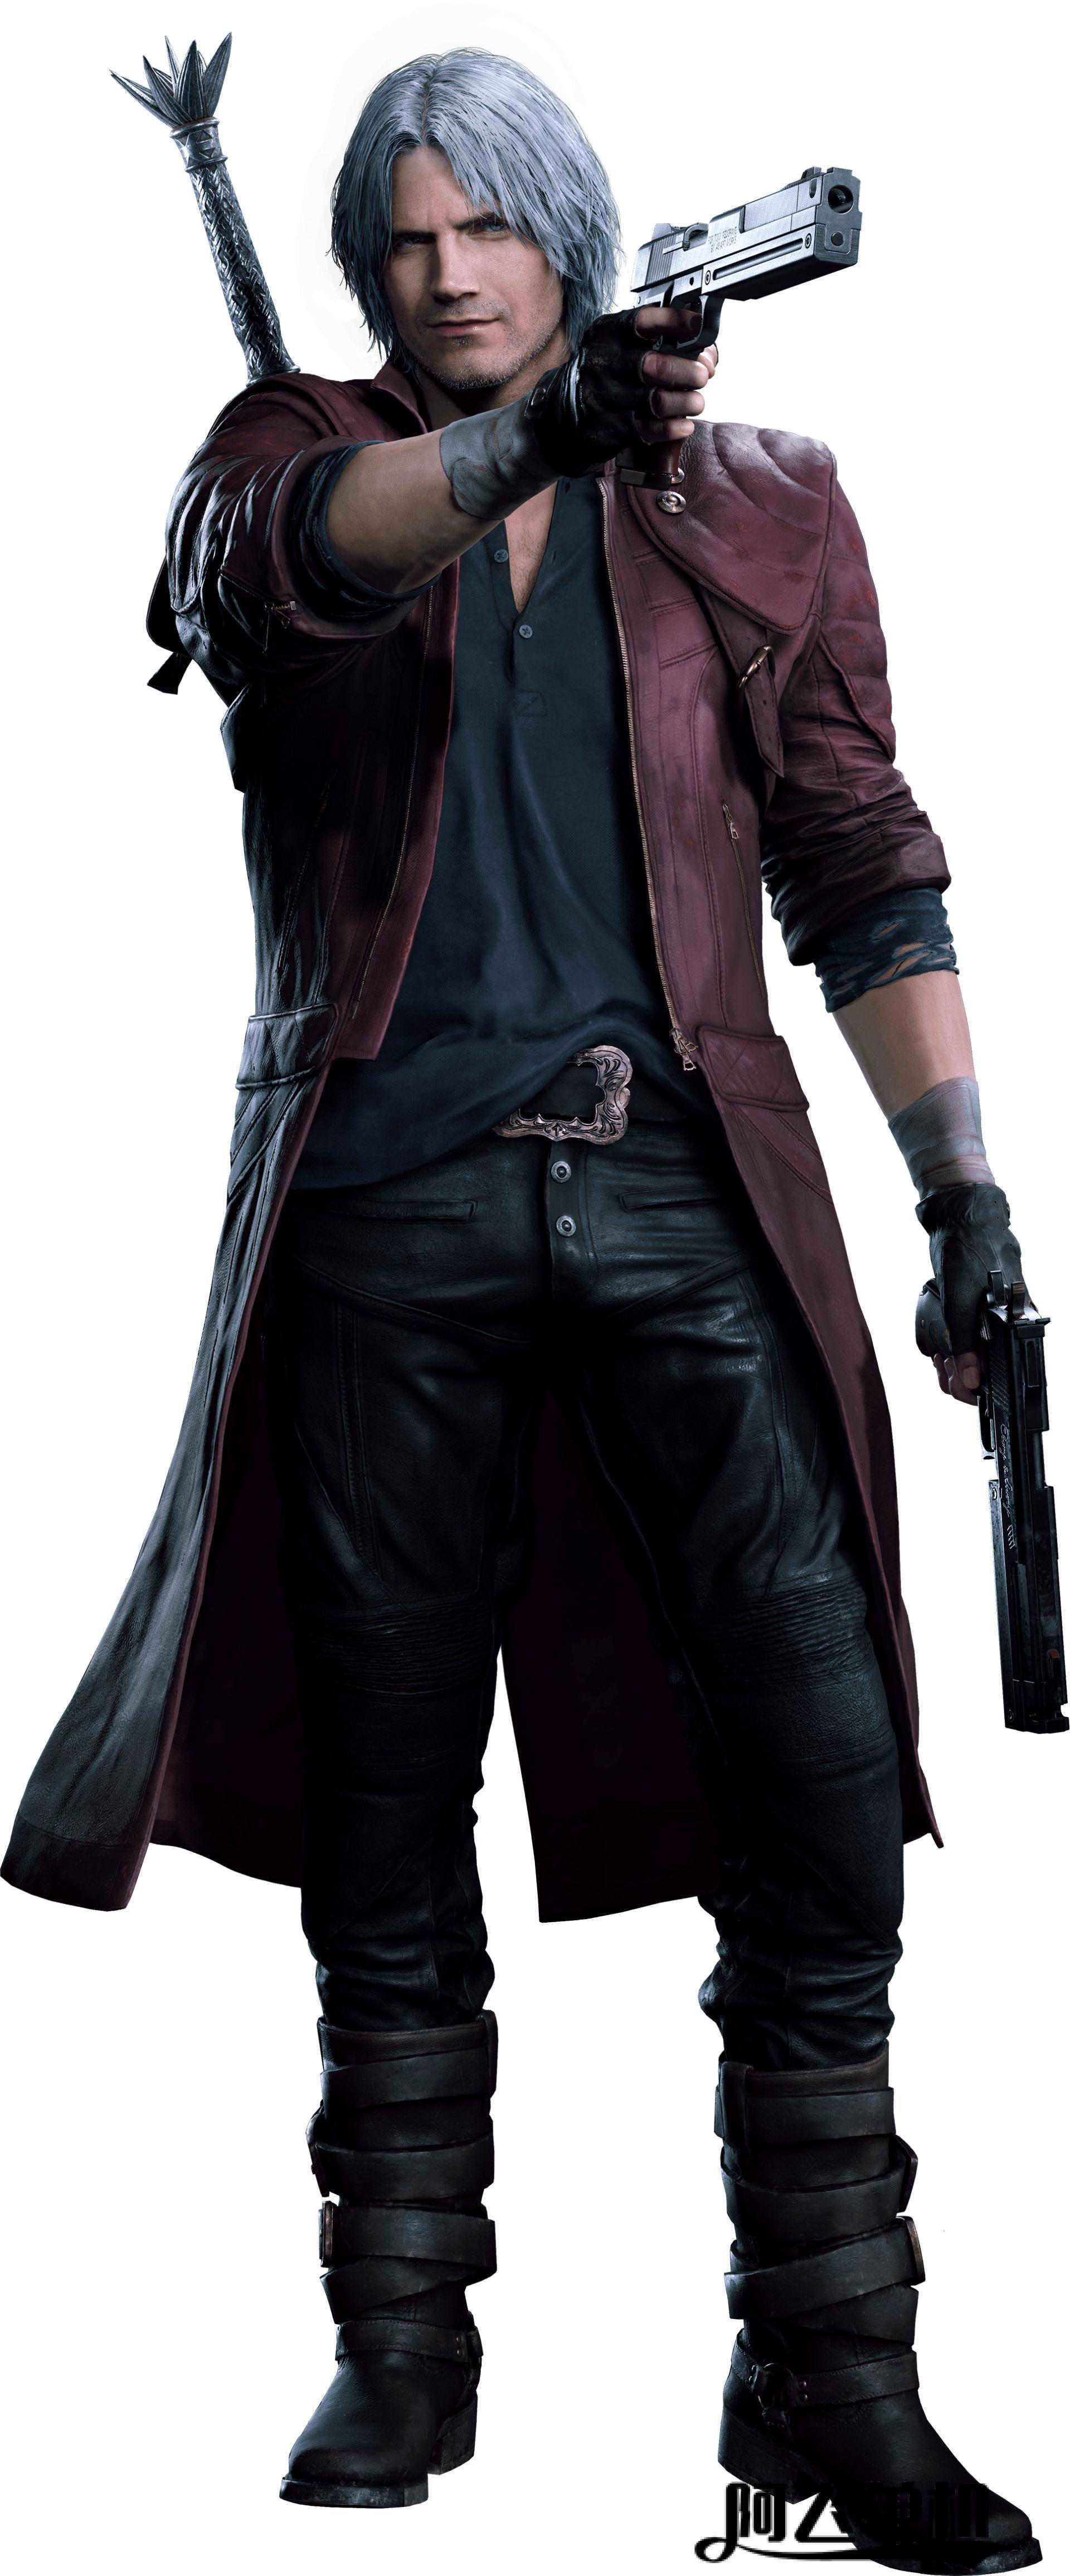 《鬼泣5》登场人物图鉴,但丁(Dante)